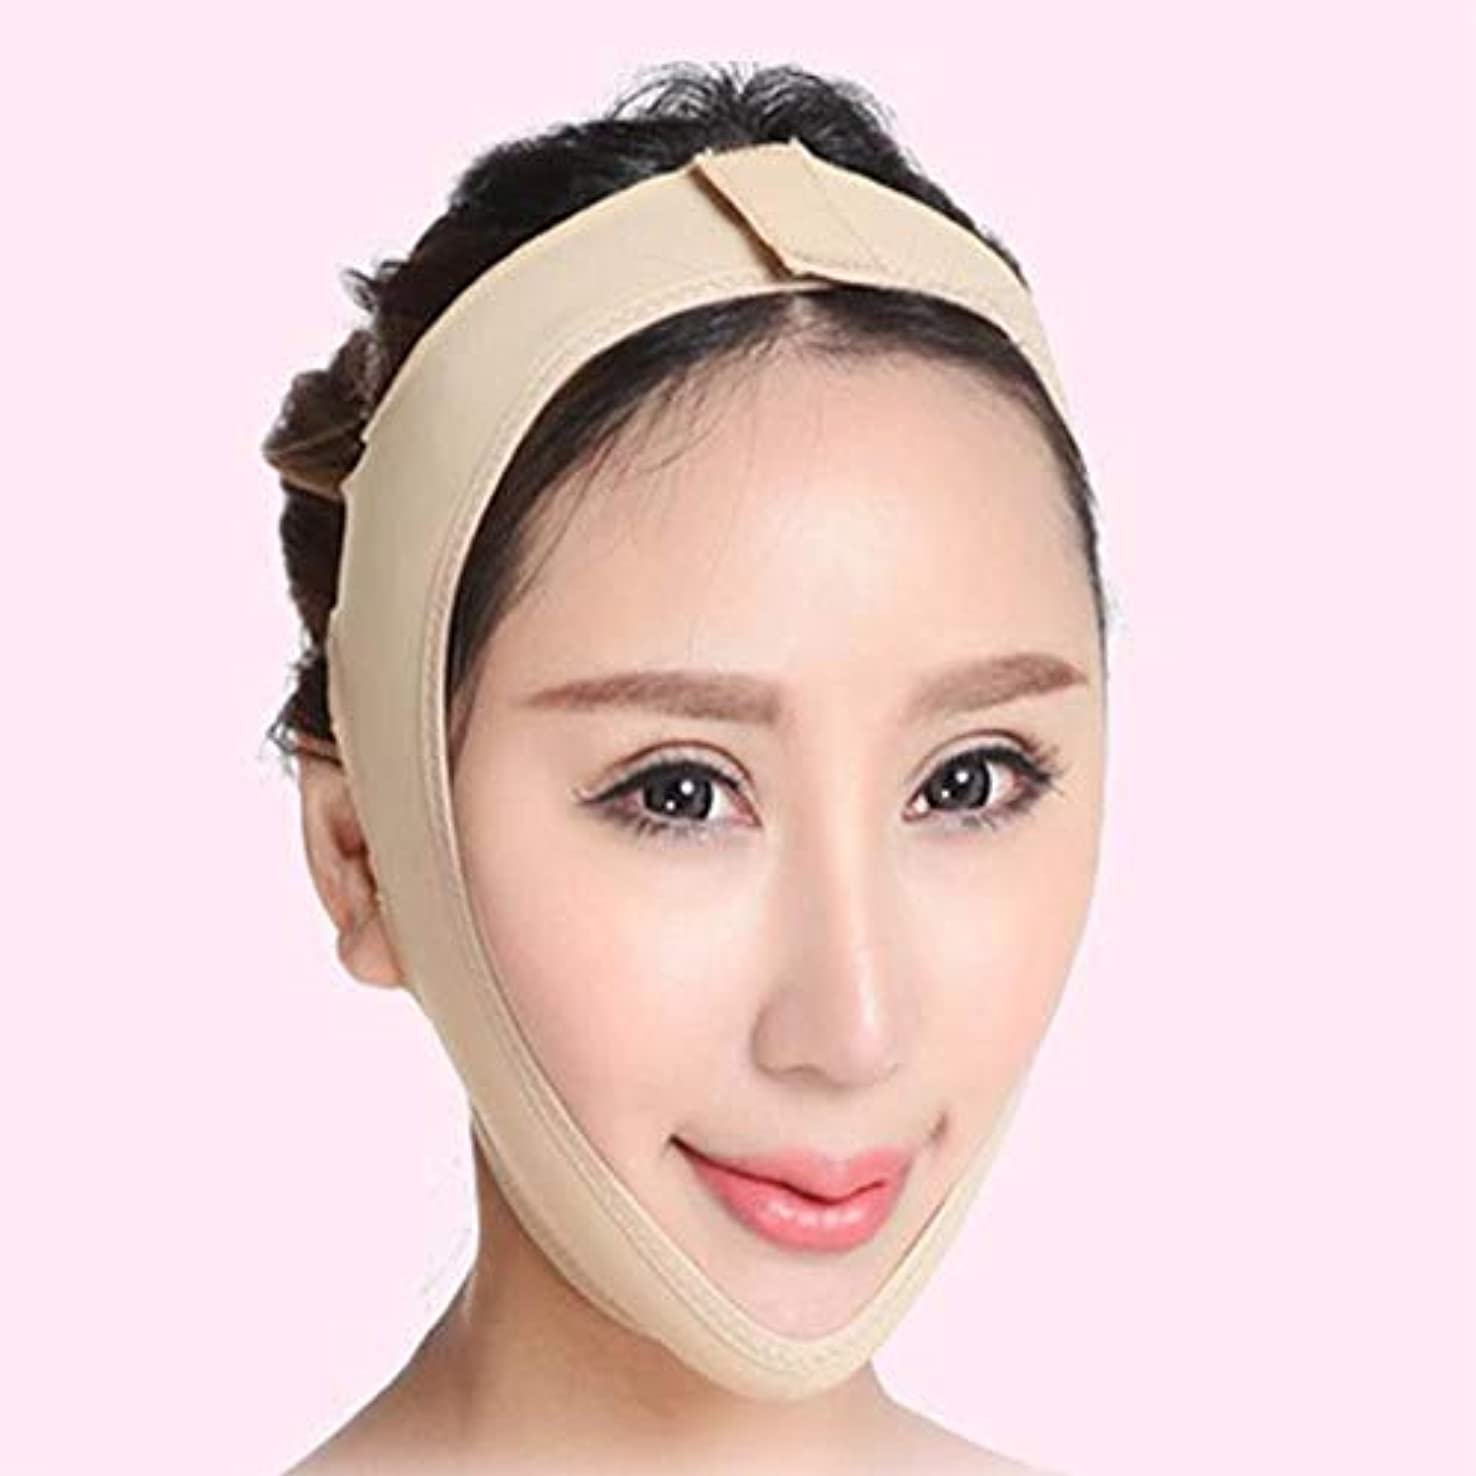 東ティモールまばたき割り当てますMR 小顔マスク リフトアップ マスク フェイスラインシャープ メンズ レディース Sサイズ MR-AZD15003-S